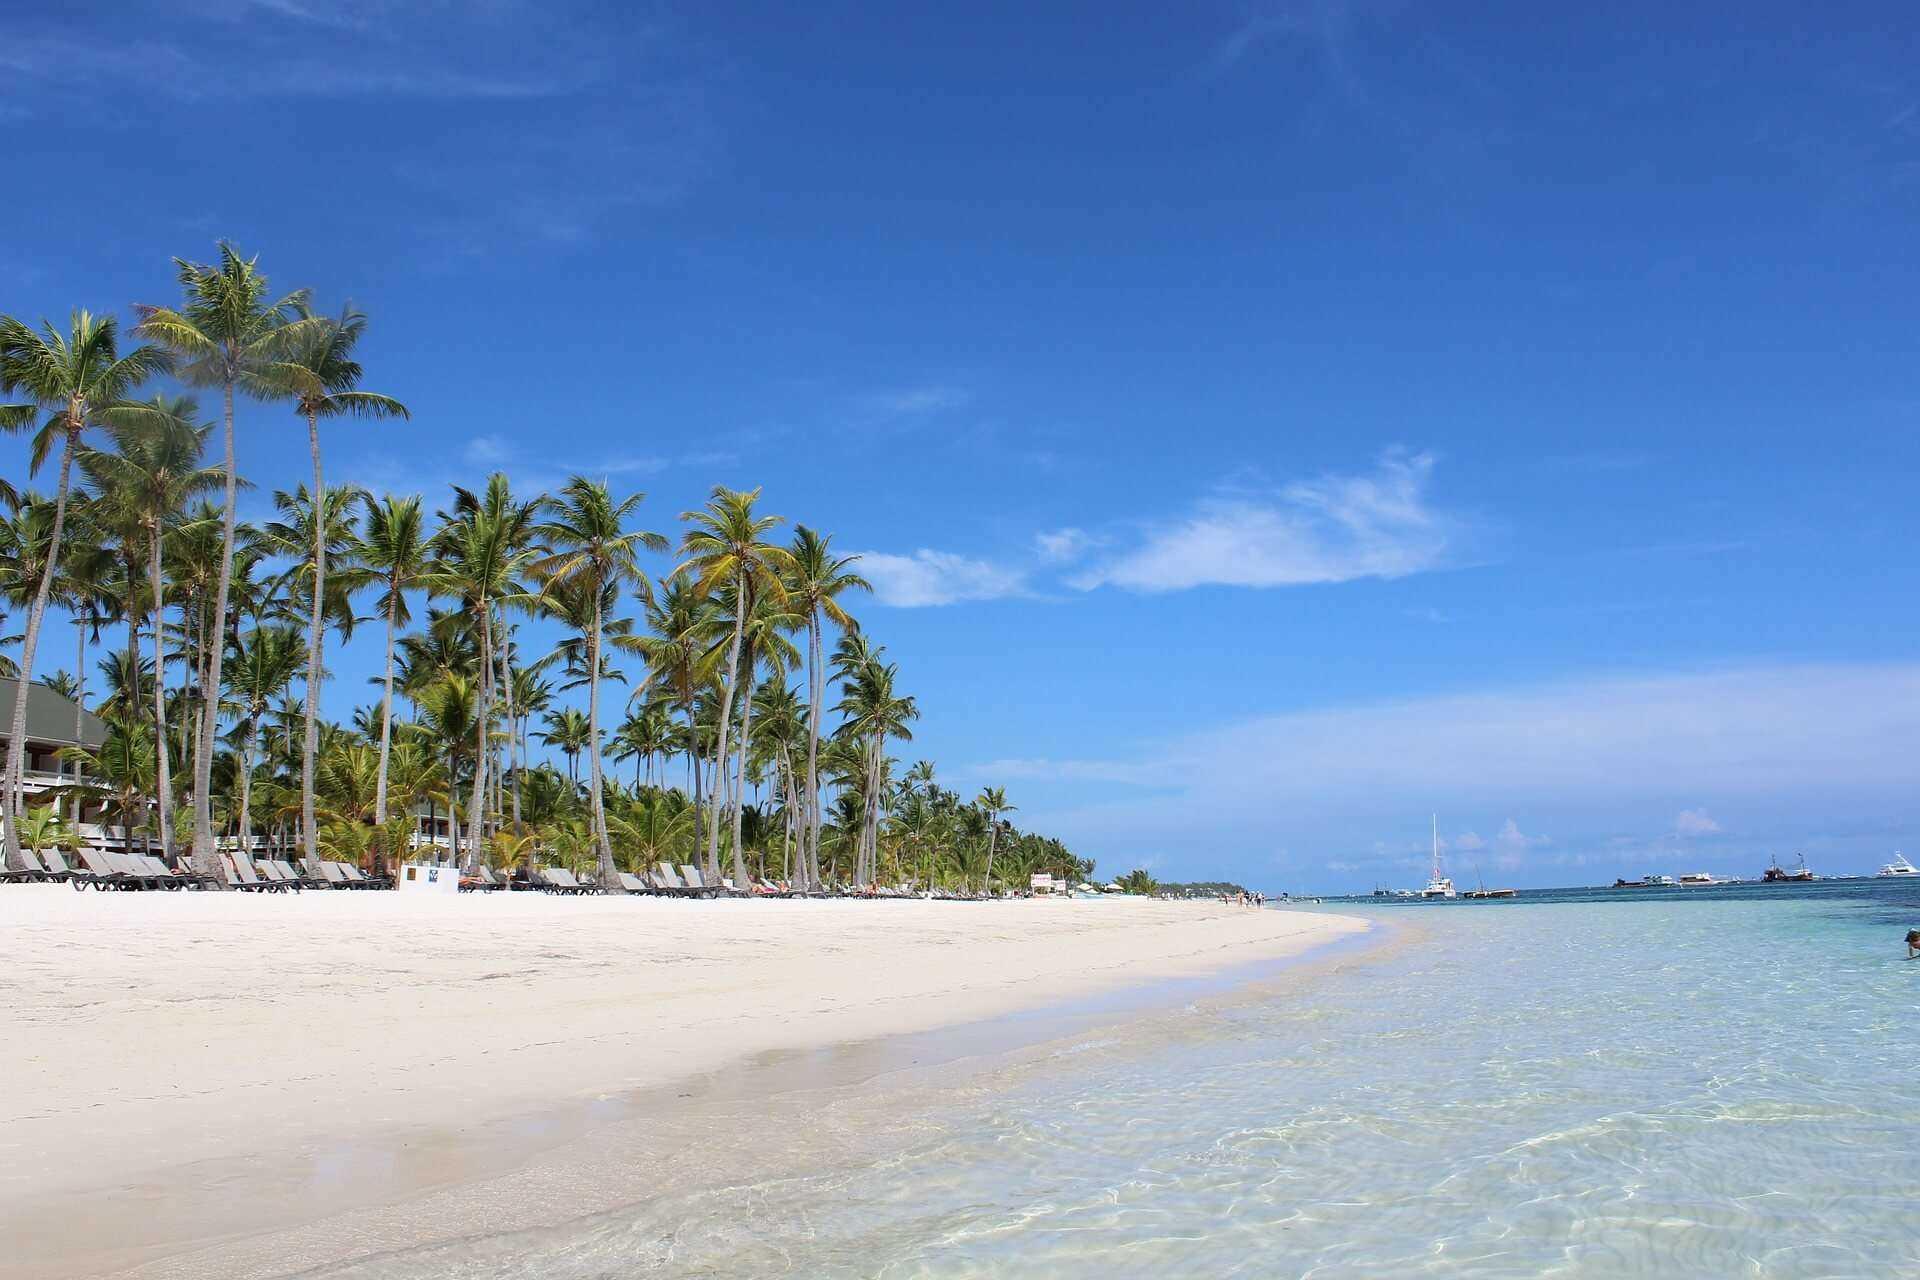 Direktflüge und Billigflüge in die Karibik